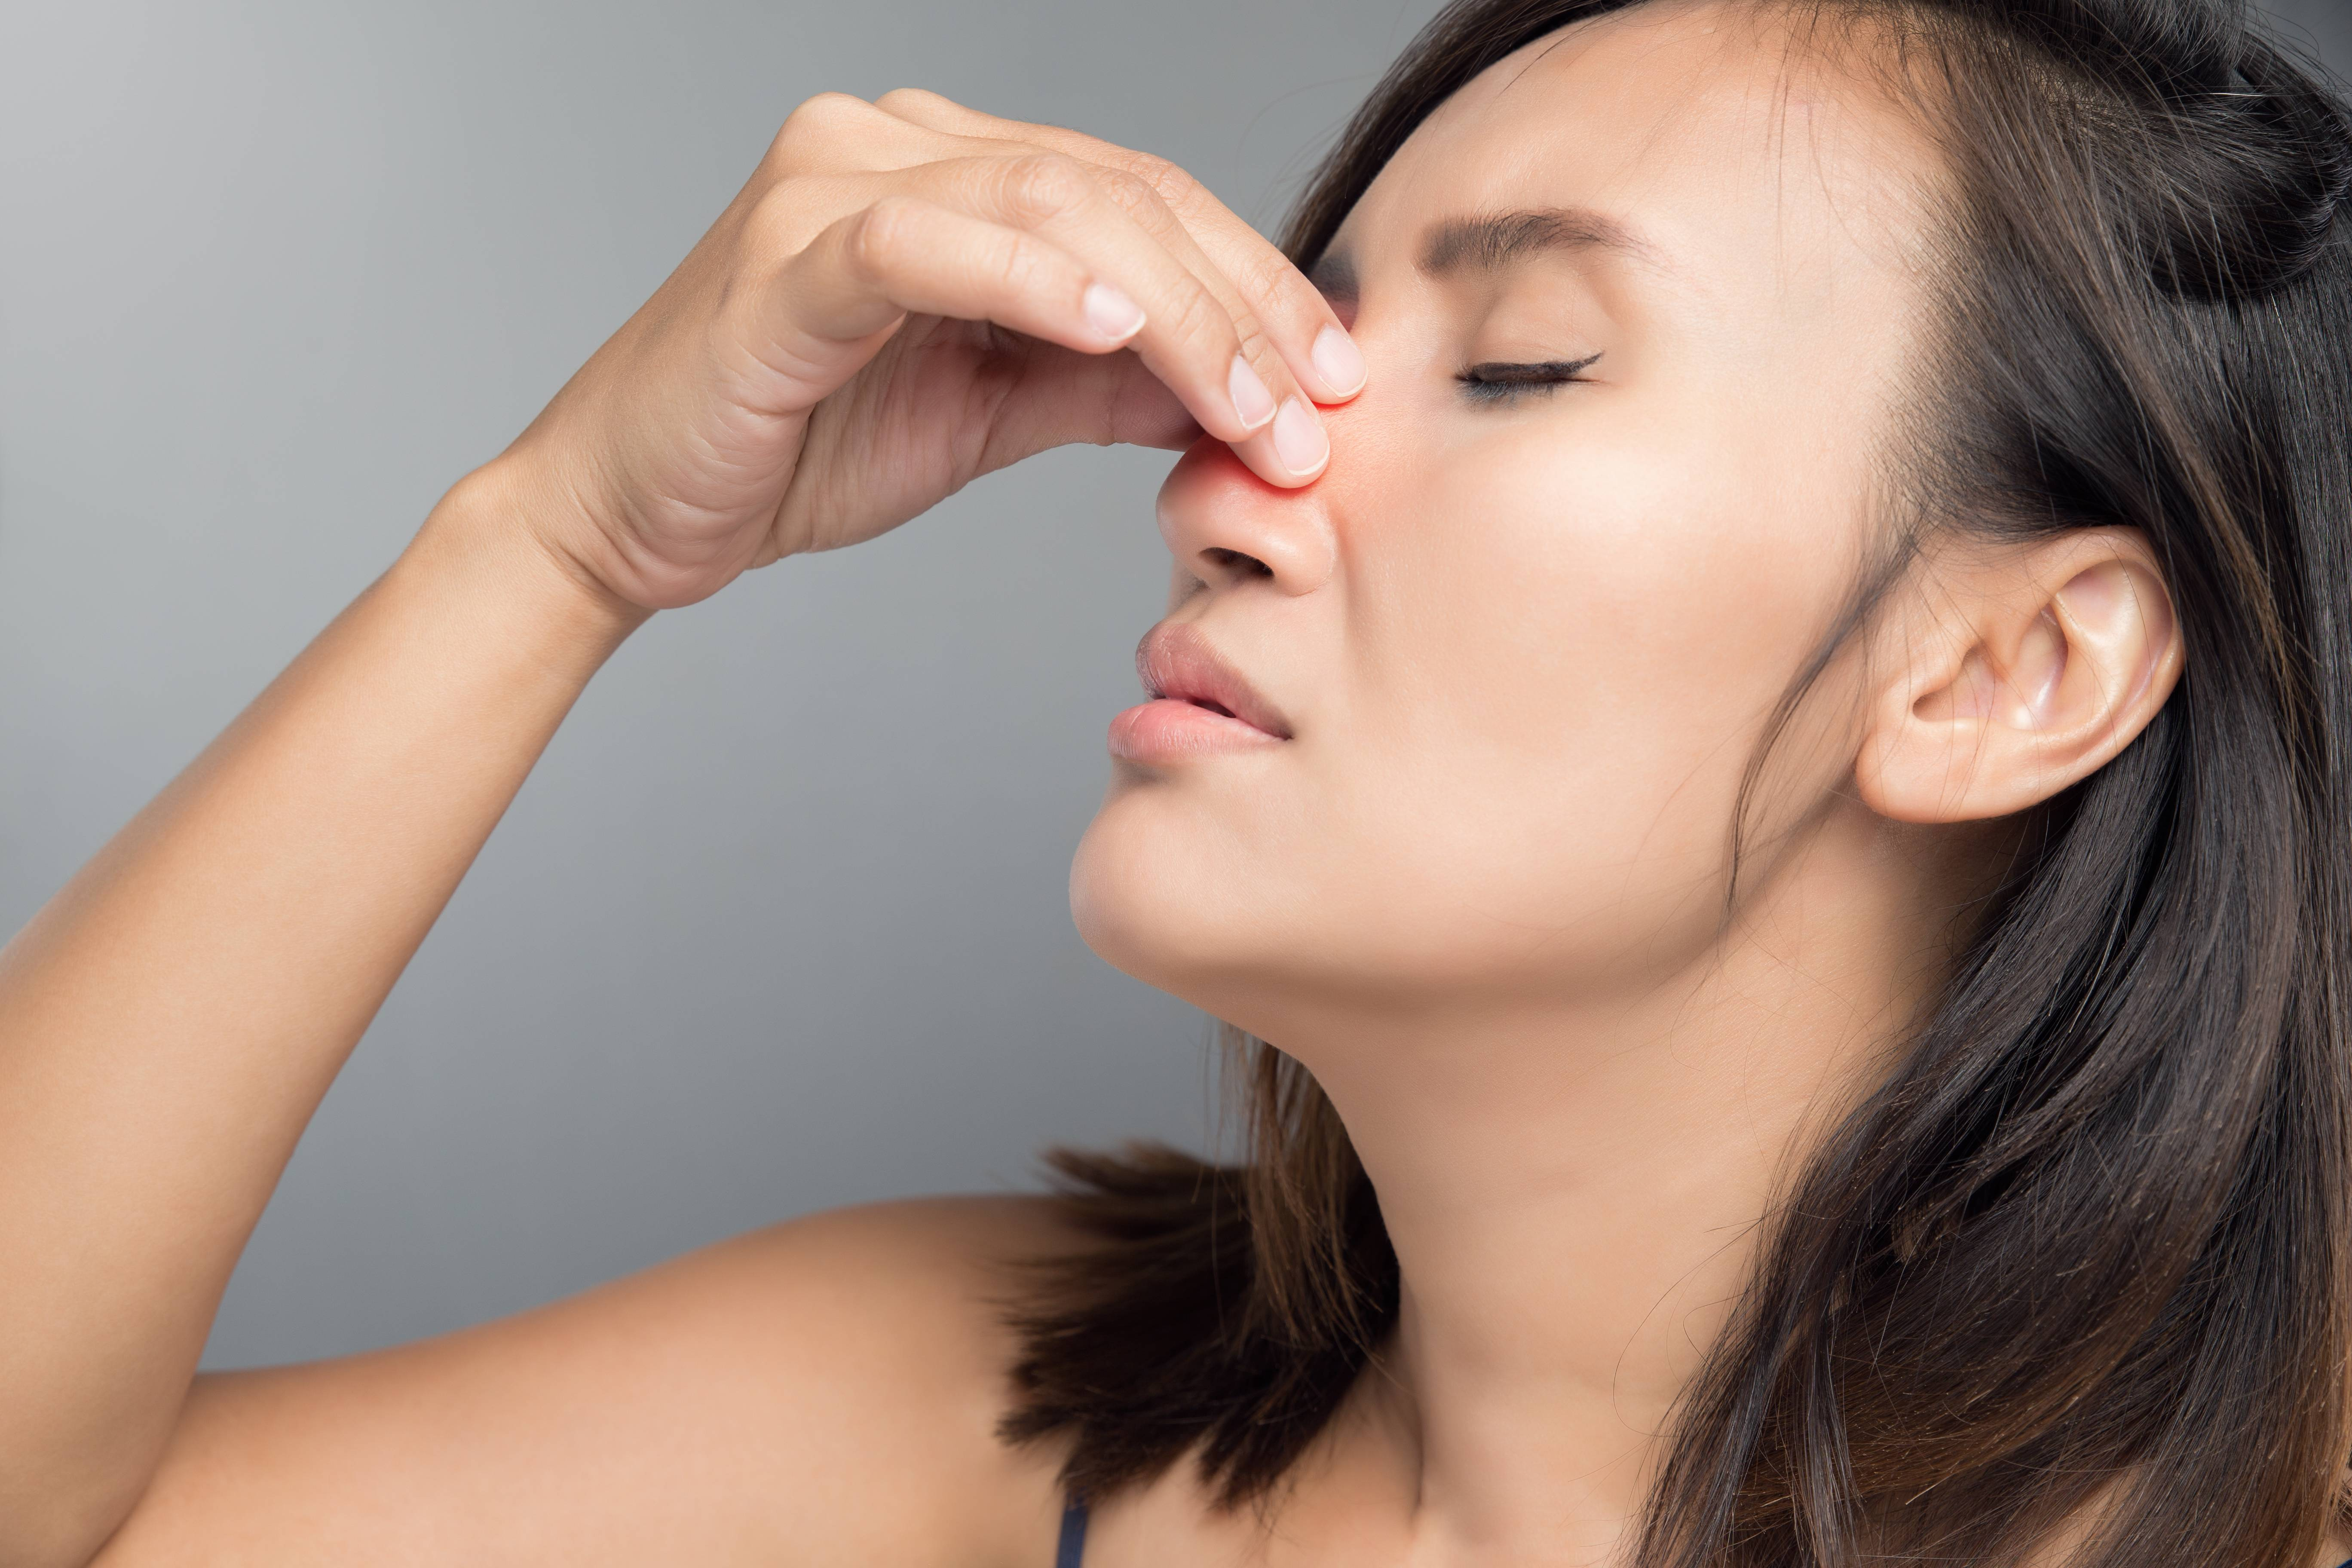 сухость слизистой носа